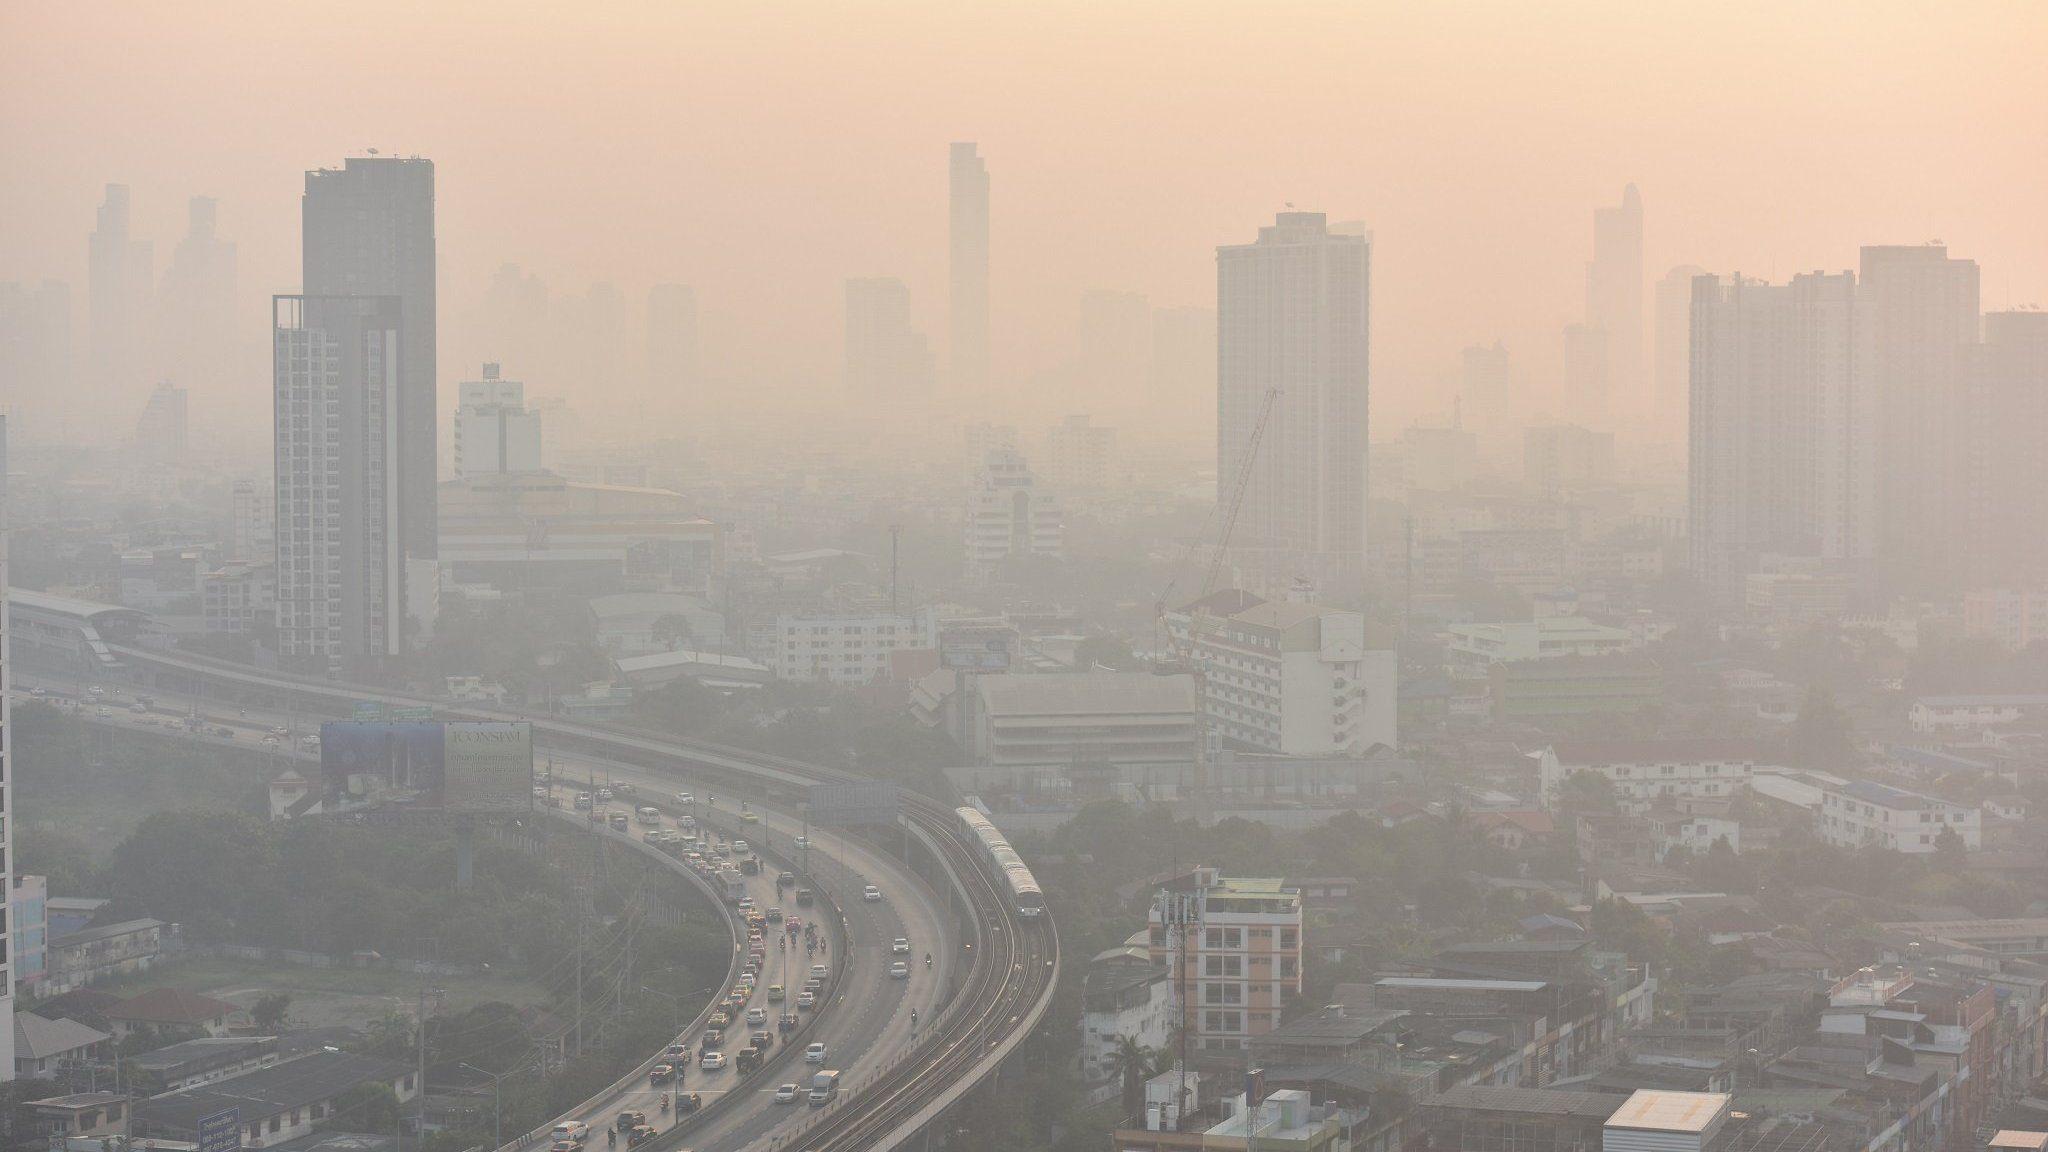 ไทยค่าฝุ่น PM2.5 เกินมาตฐานติดอันดับ 6 ของโลก